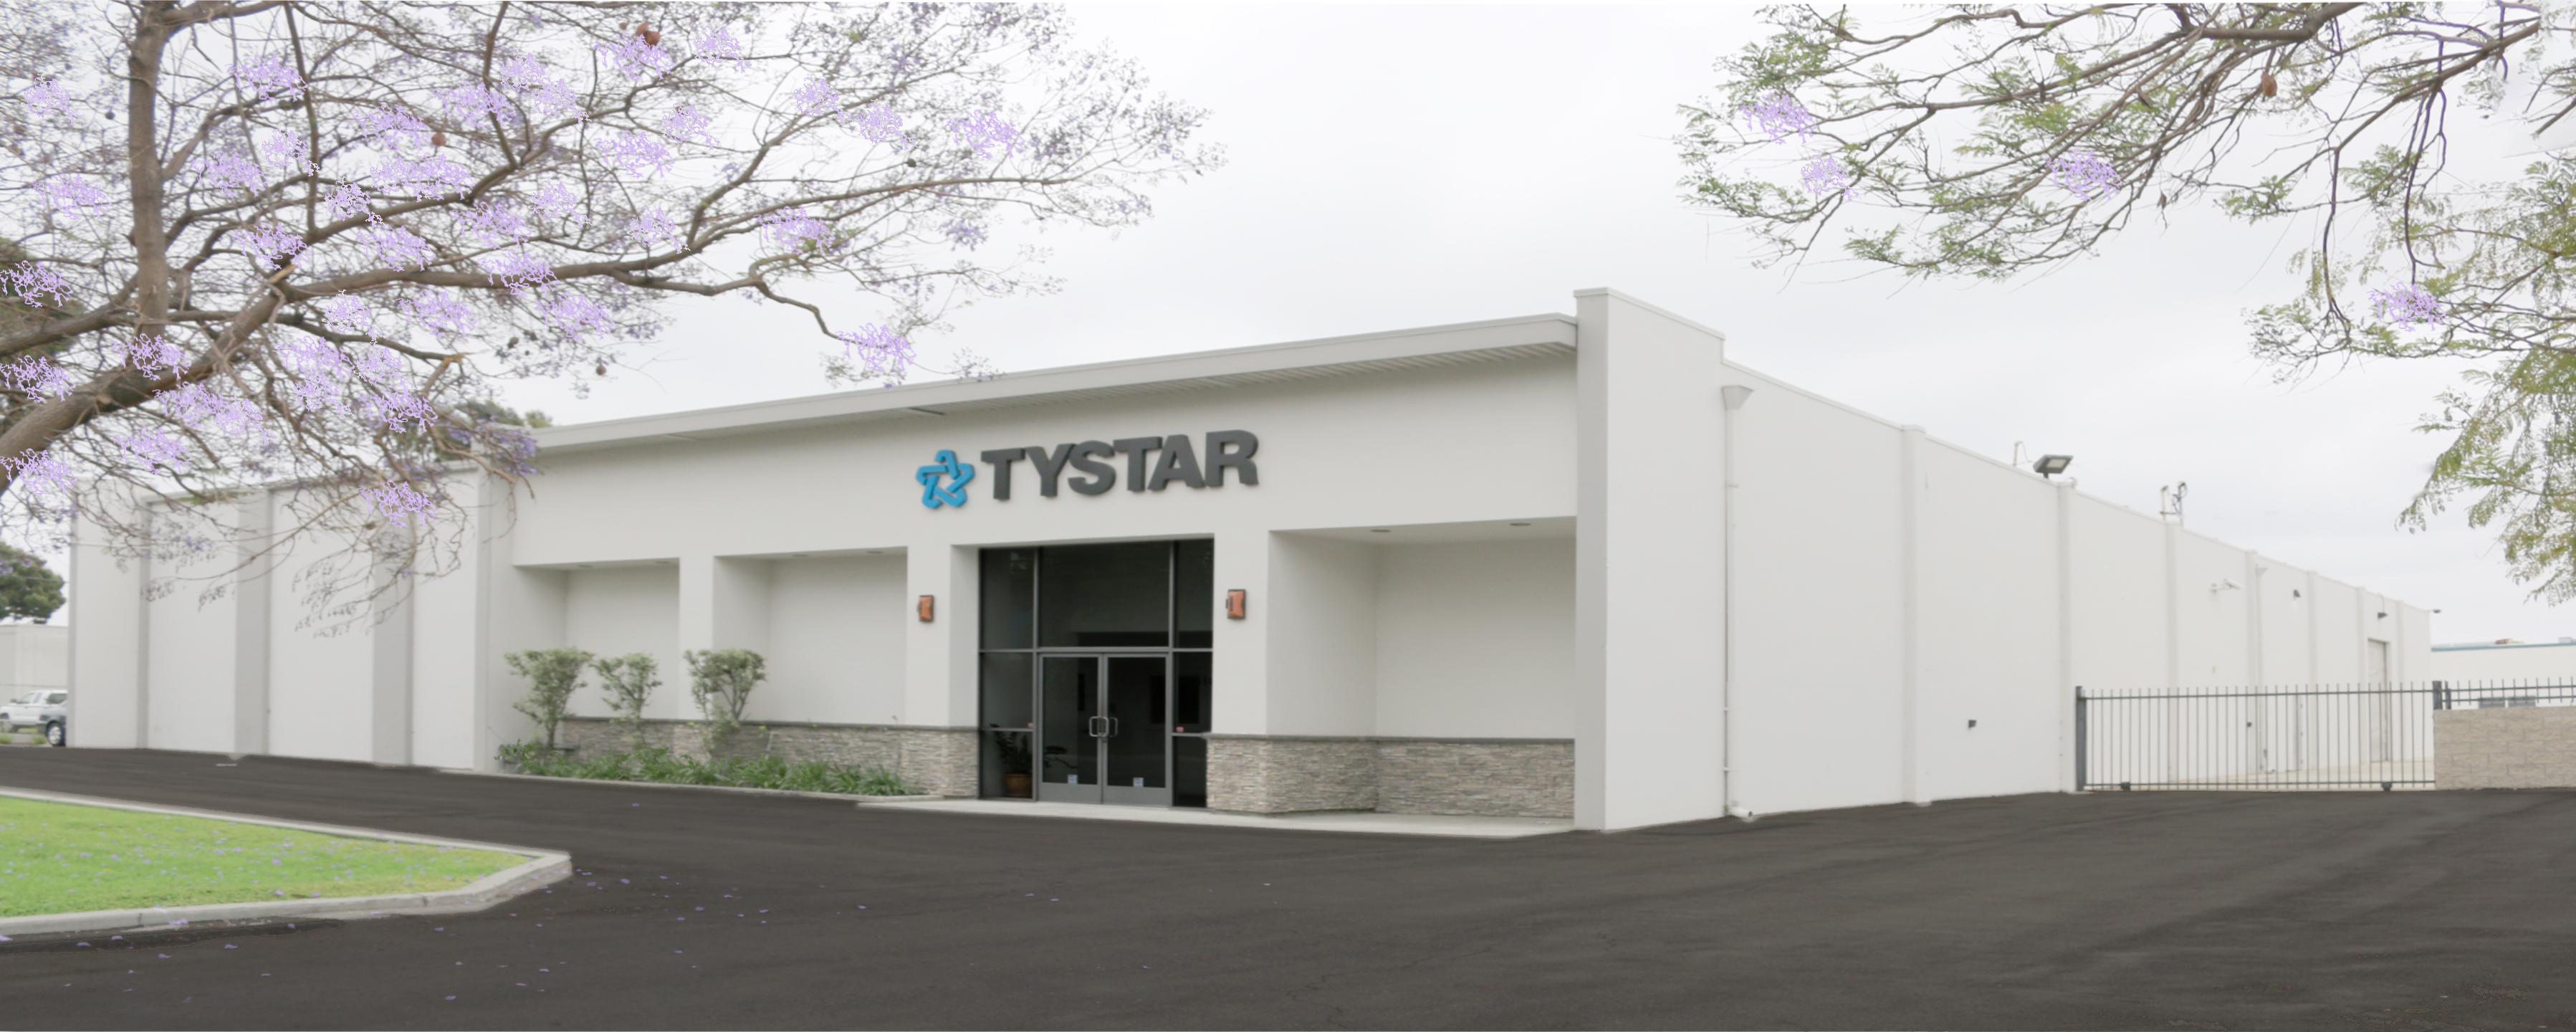 TystarBuilding